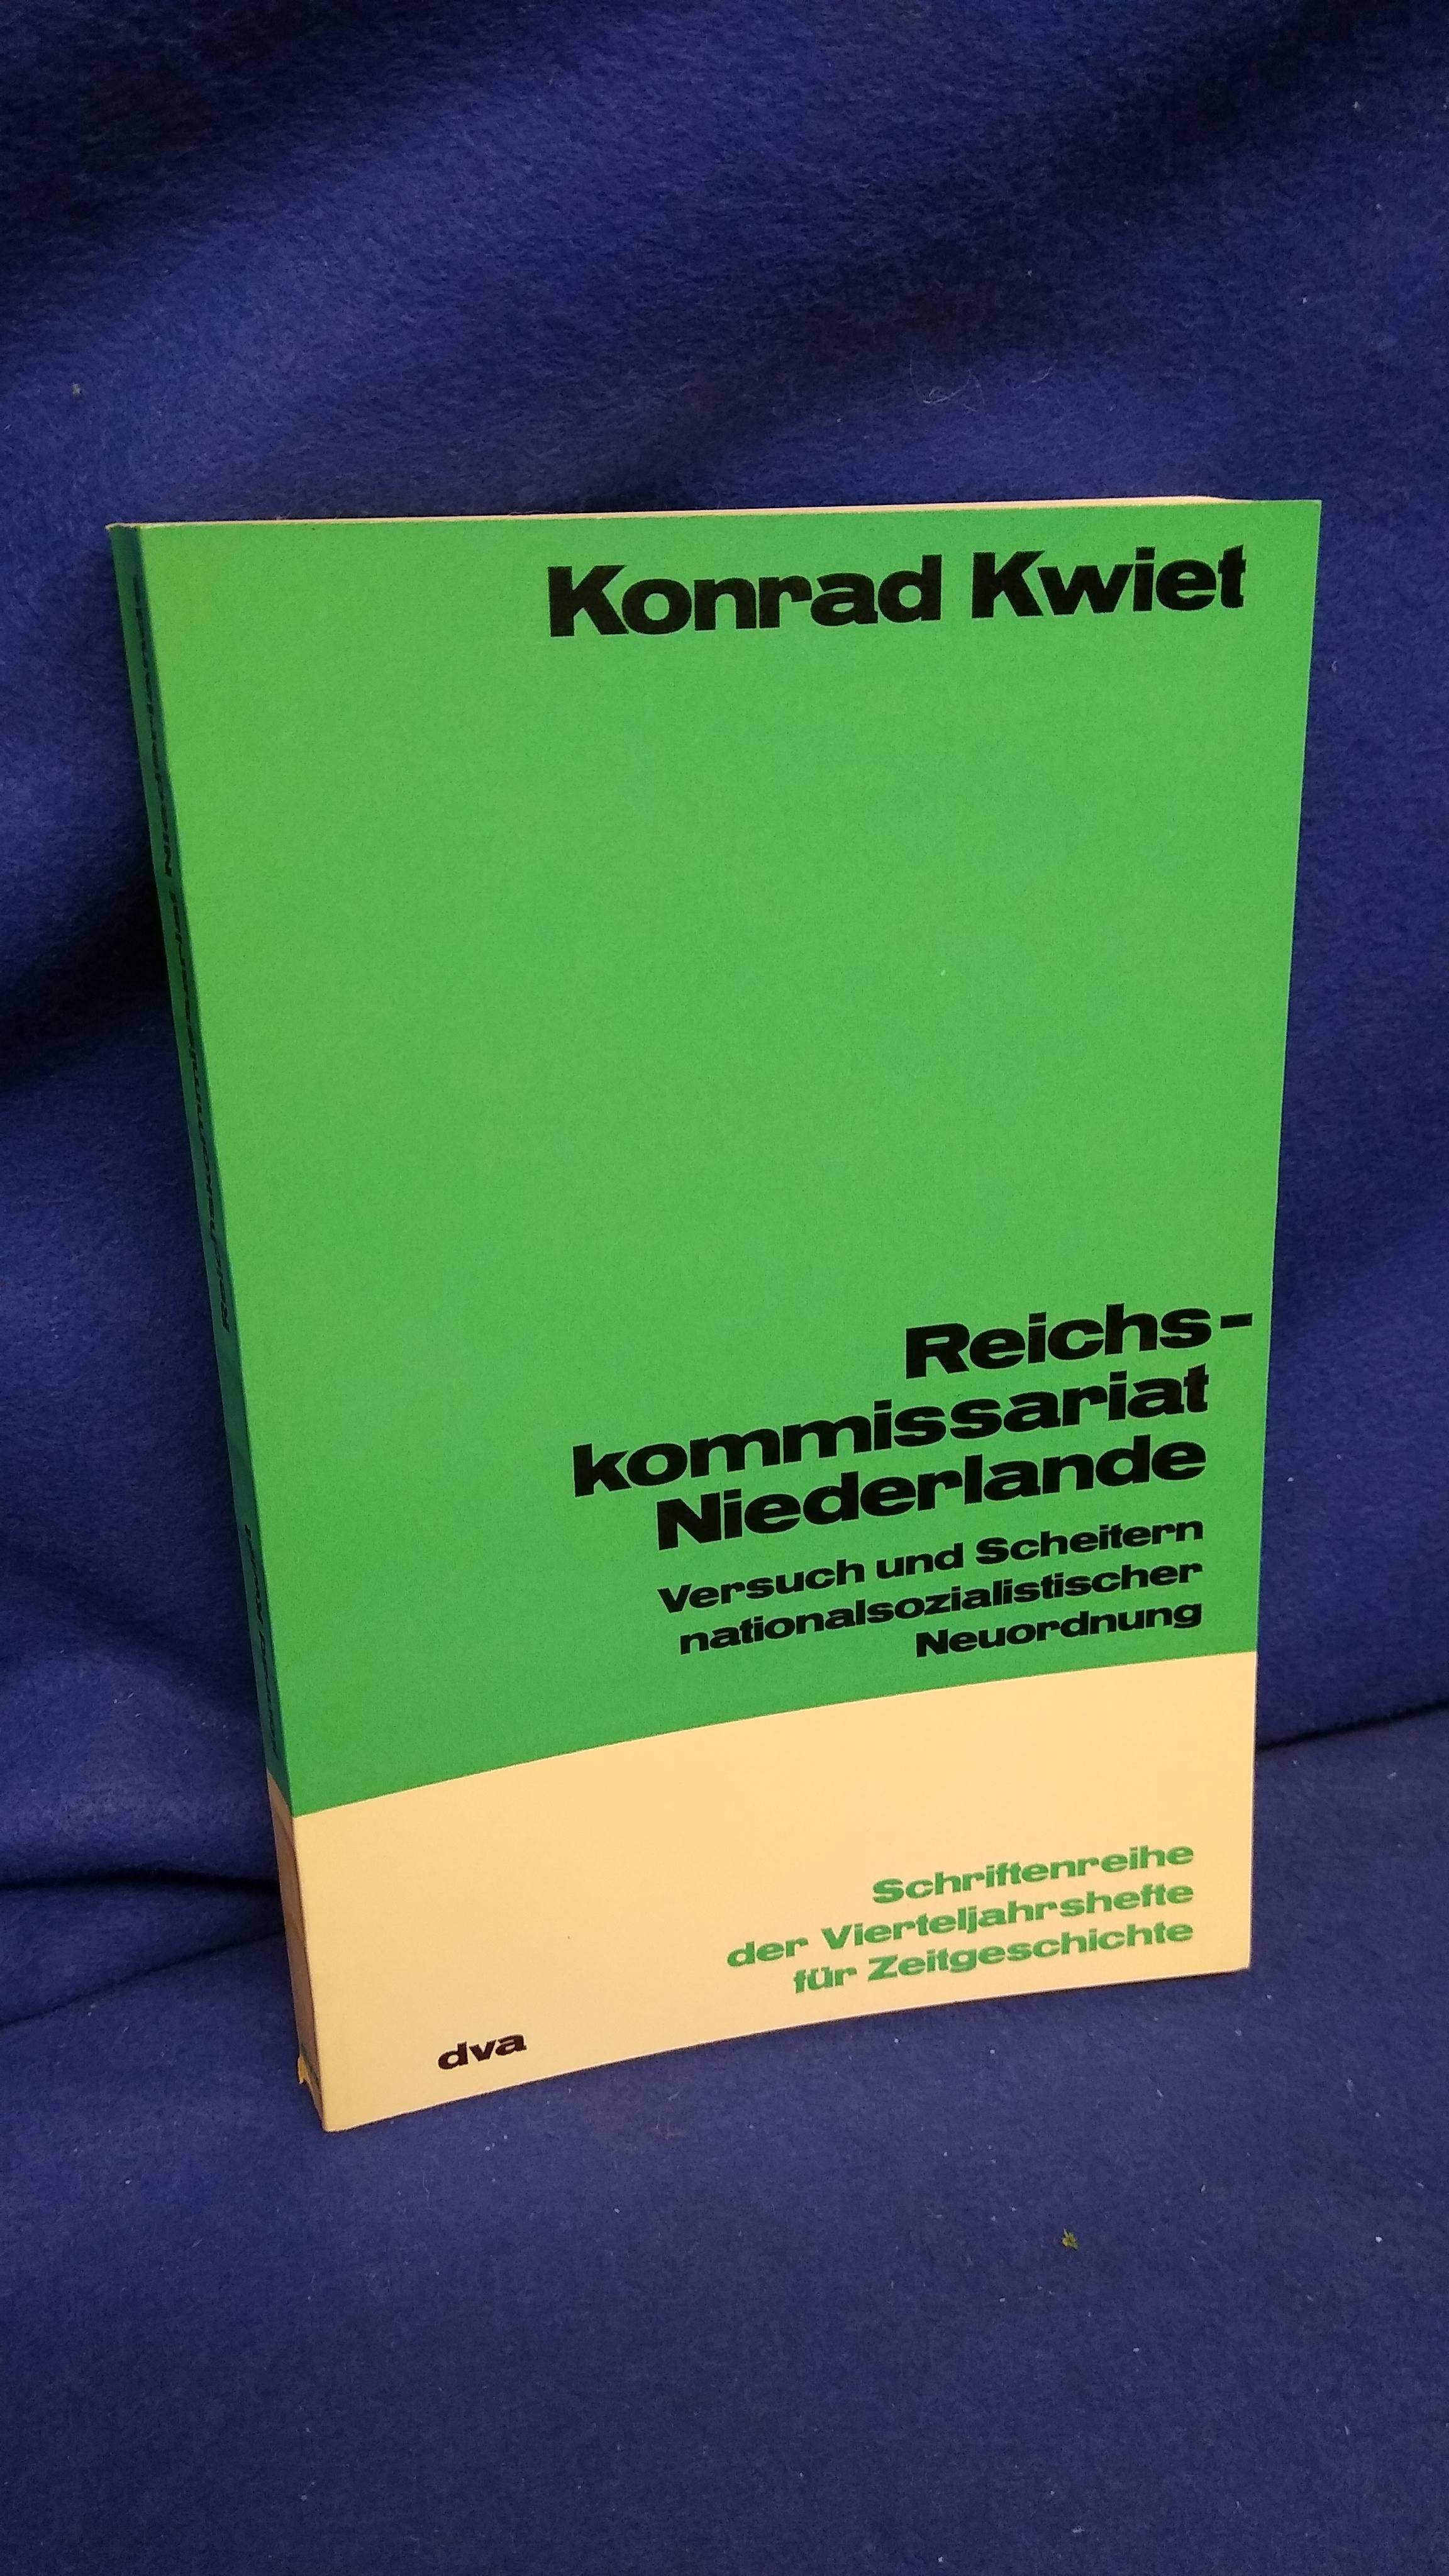 Reichskommissariat Niederlande. Versuch und Scheitern nationalsozialistischer Neuordnung